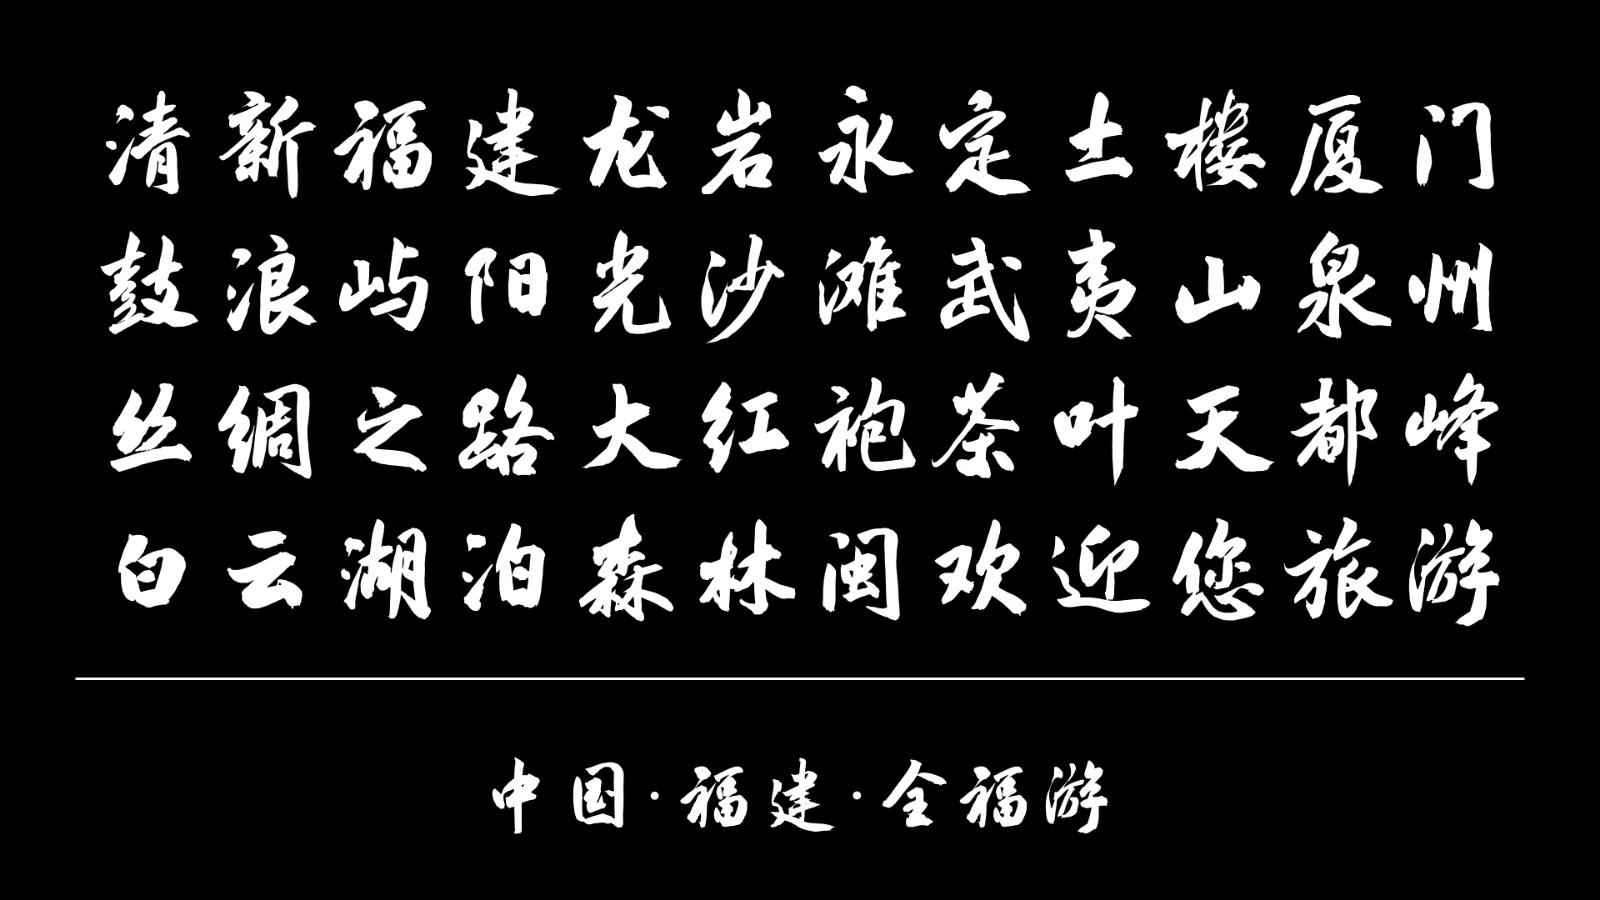 https://ft-bk1.oss-cn-zhangjiakou.aliyuncs.com/Public/Uploads/img/n_content_20201210175614_1330.jpeg